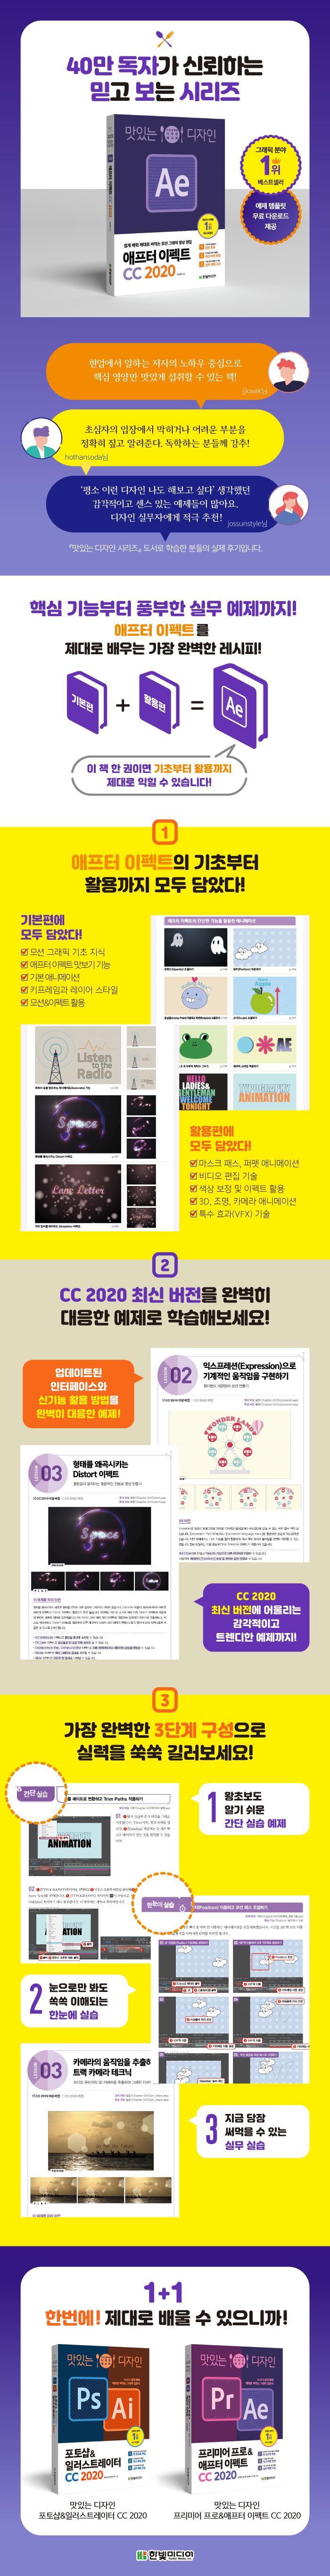 맛있는 디자인 애프터 이펙트 CC 2020_상세페이지_700px.png